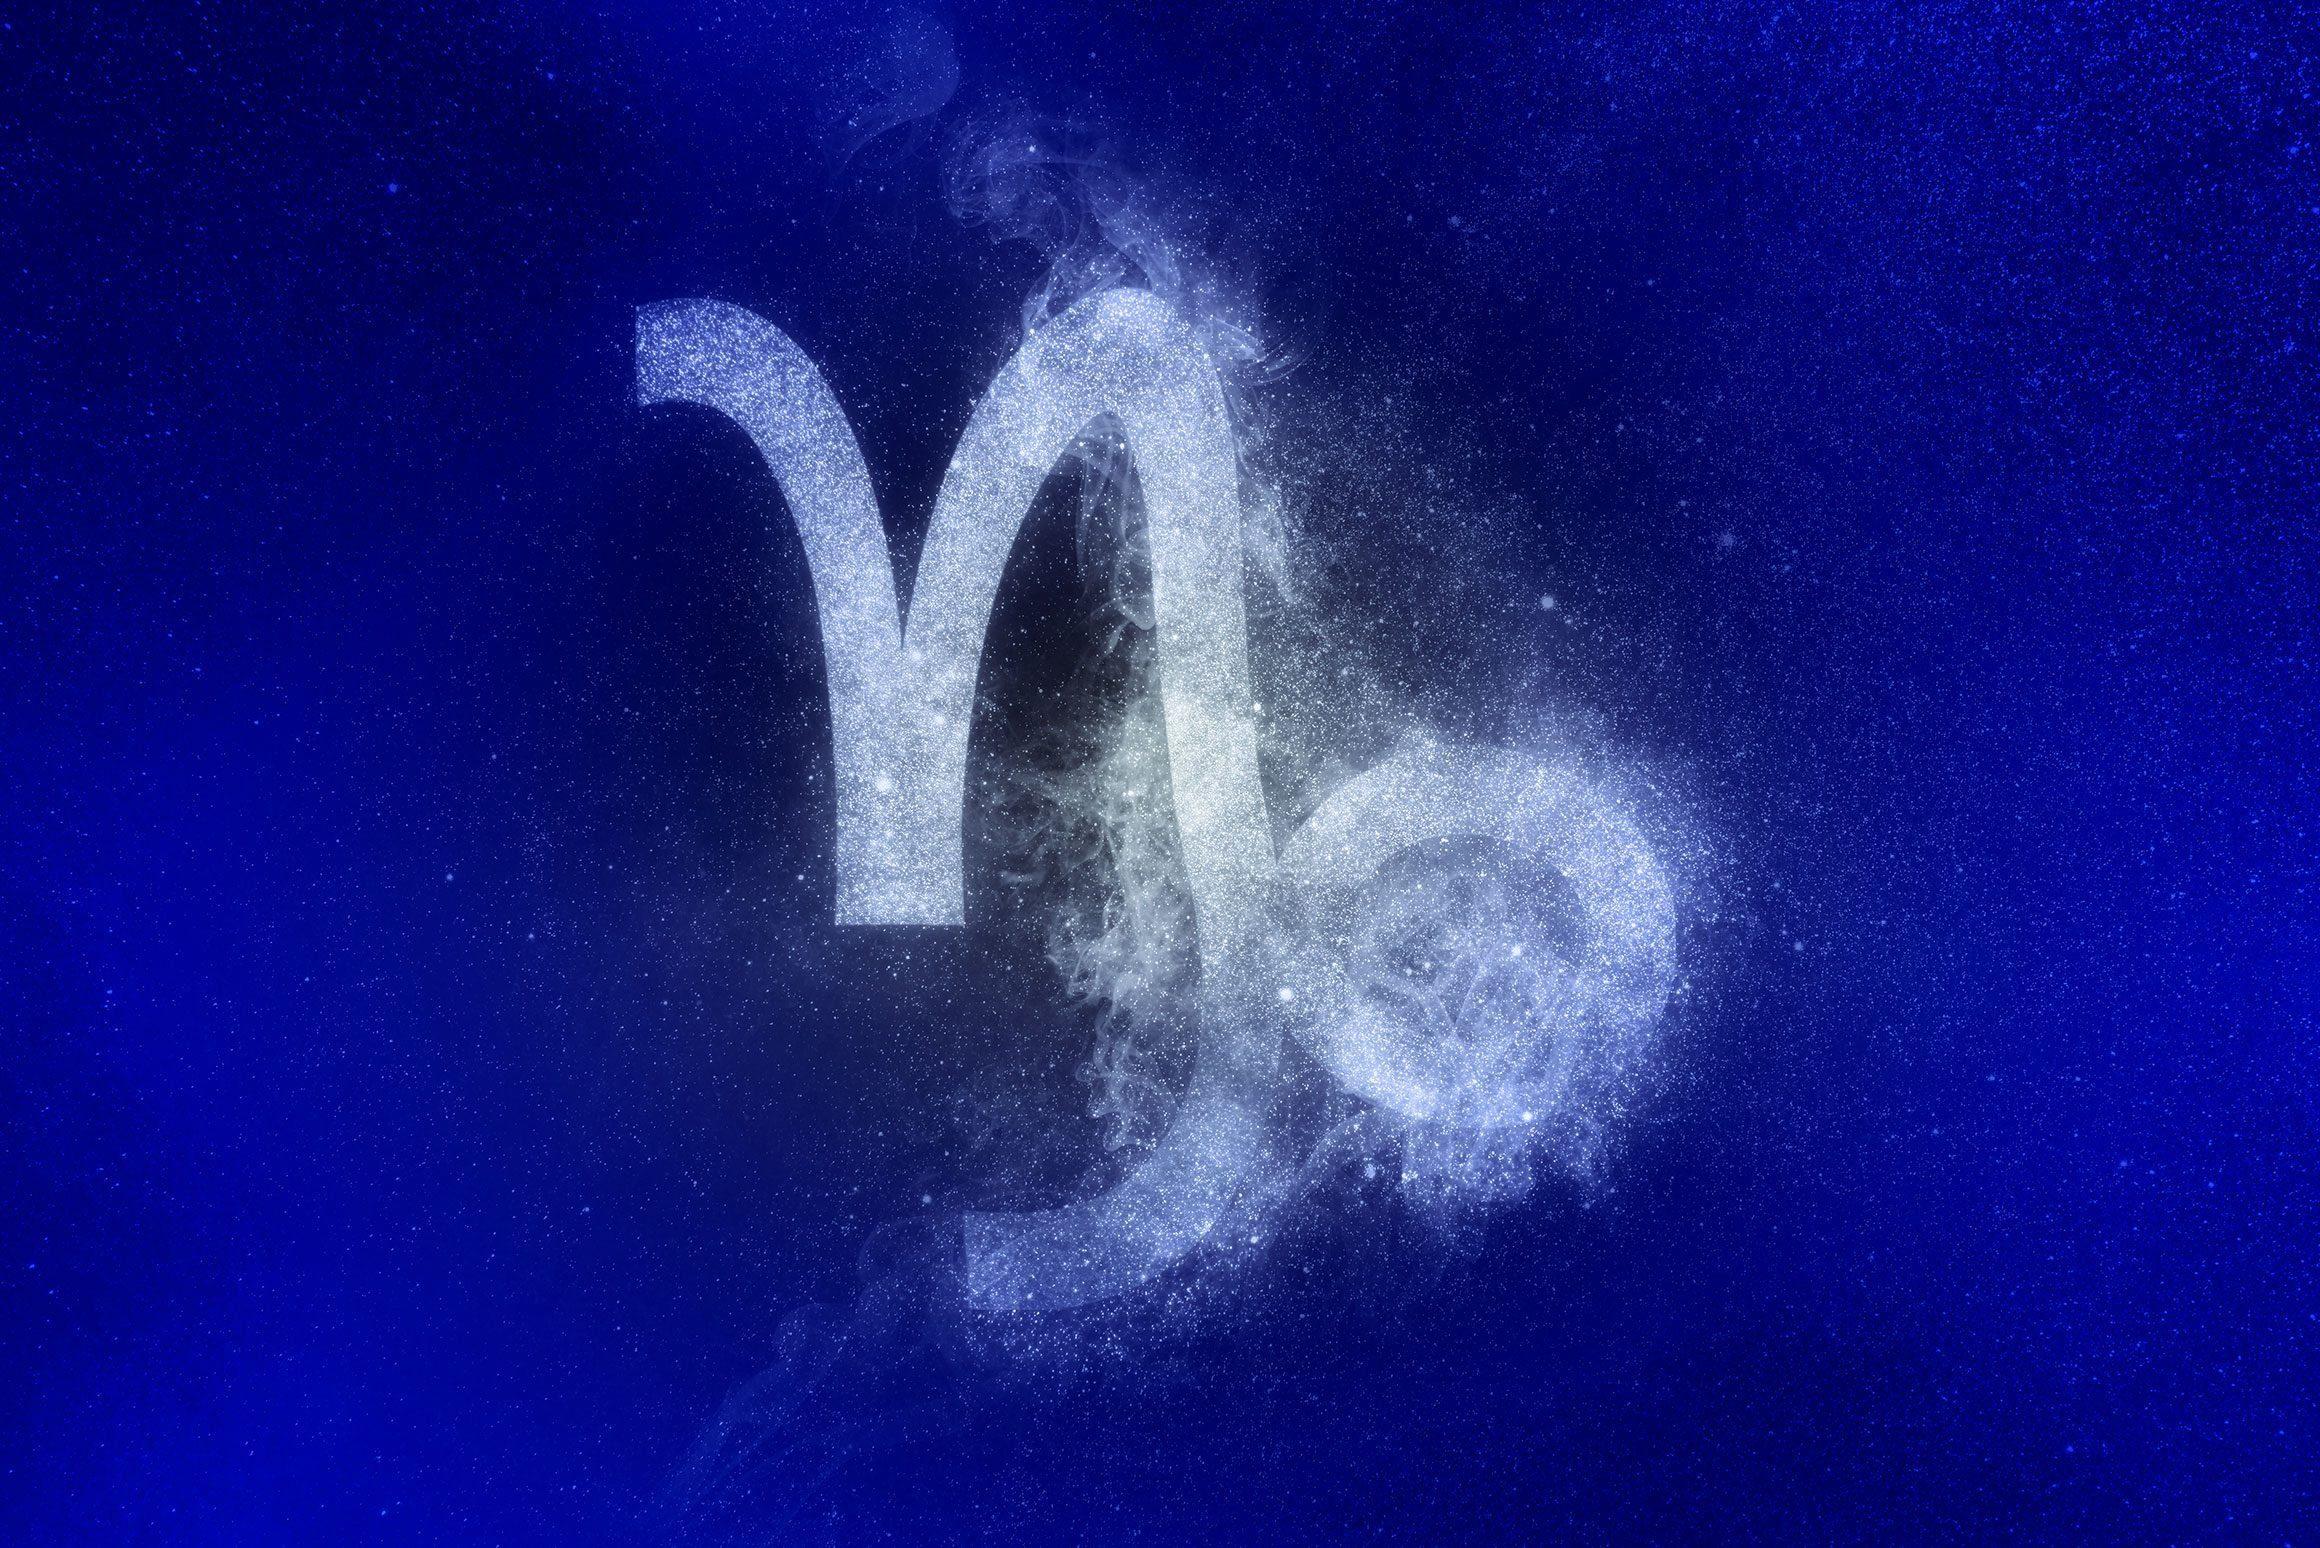 capricorn zodiac symbol in winter colors